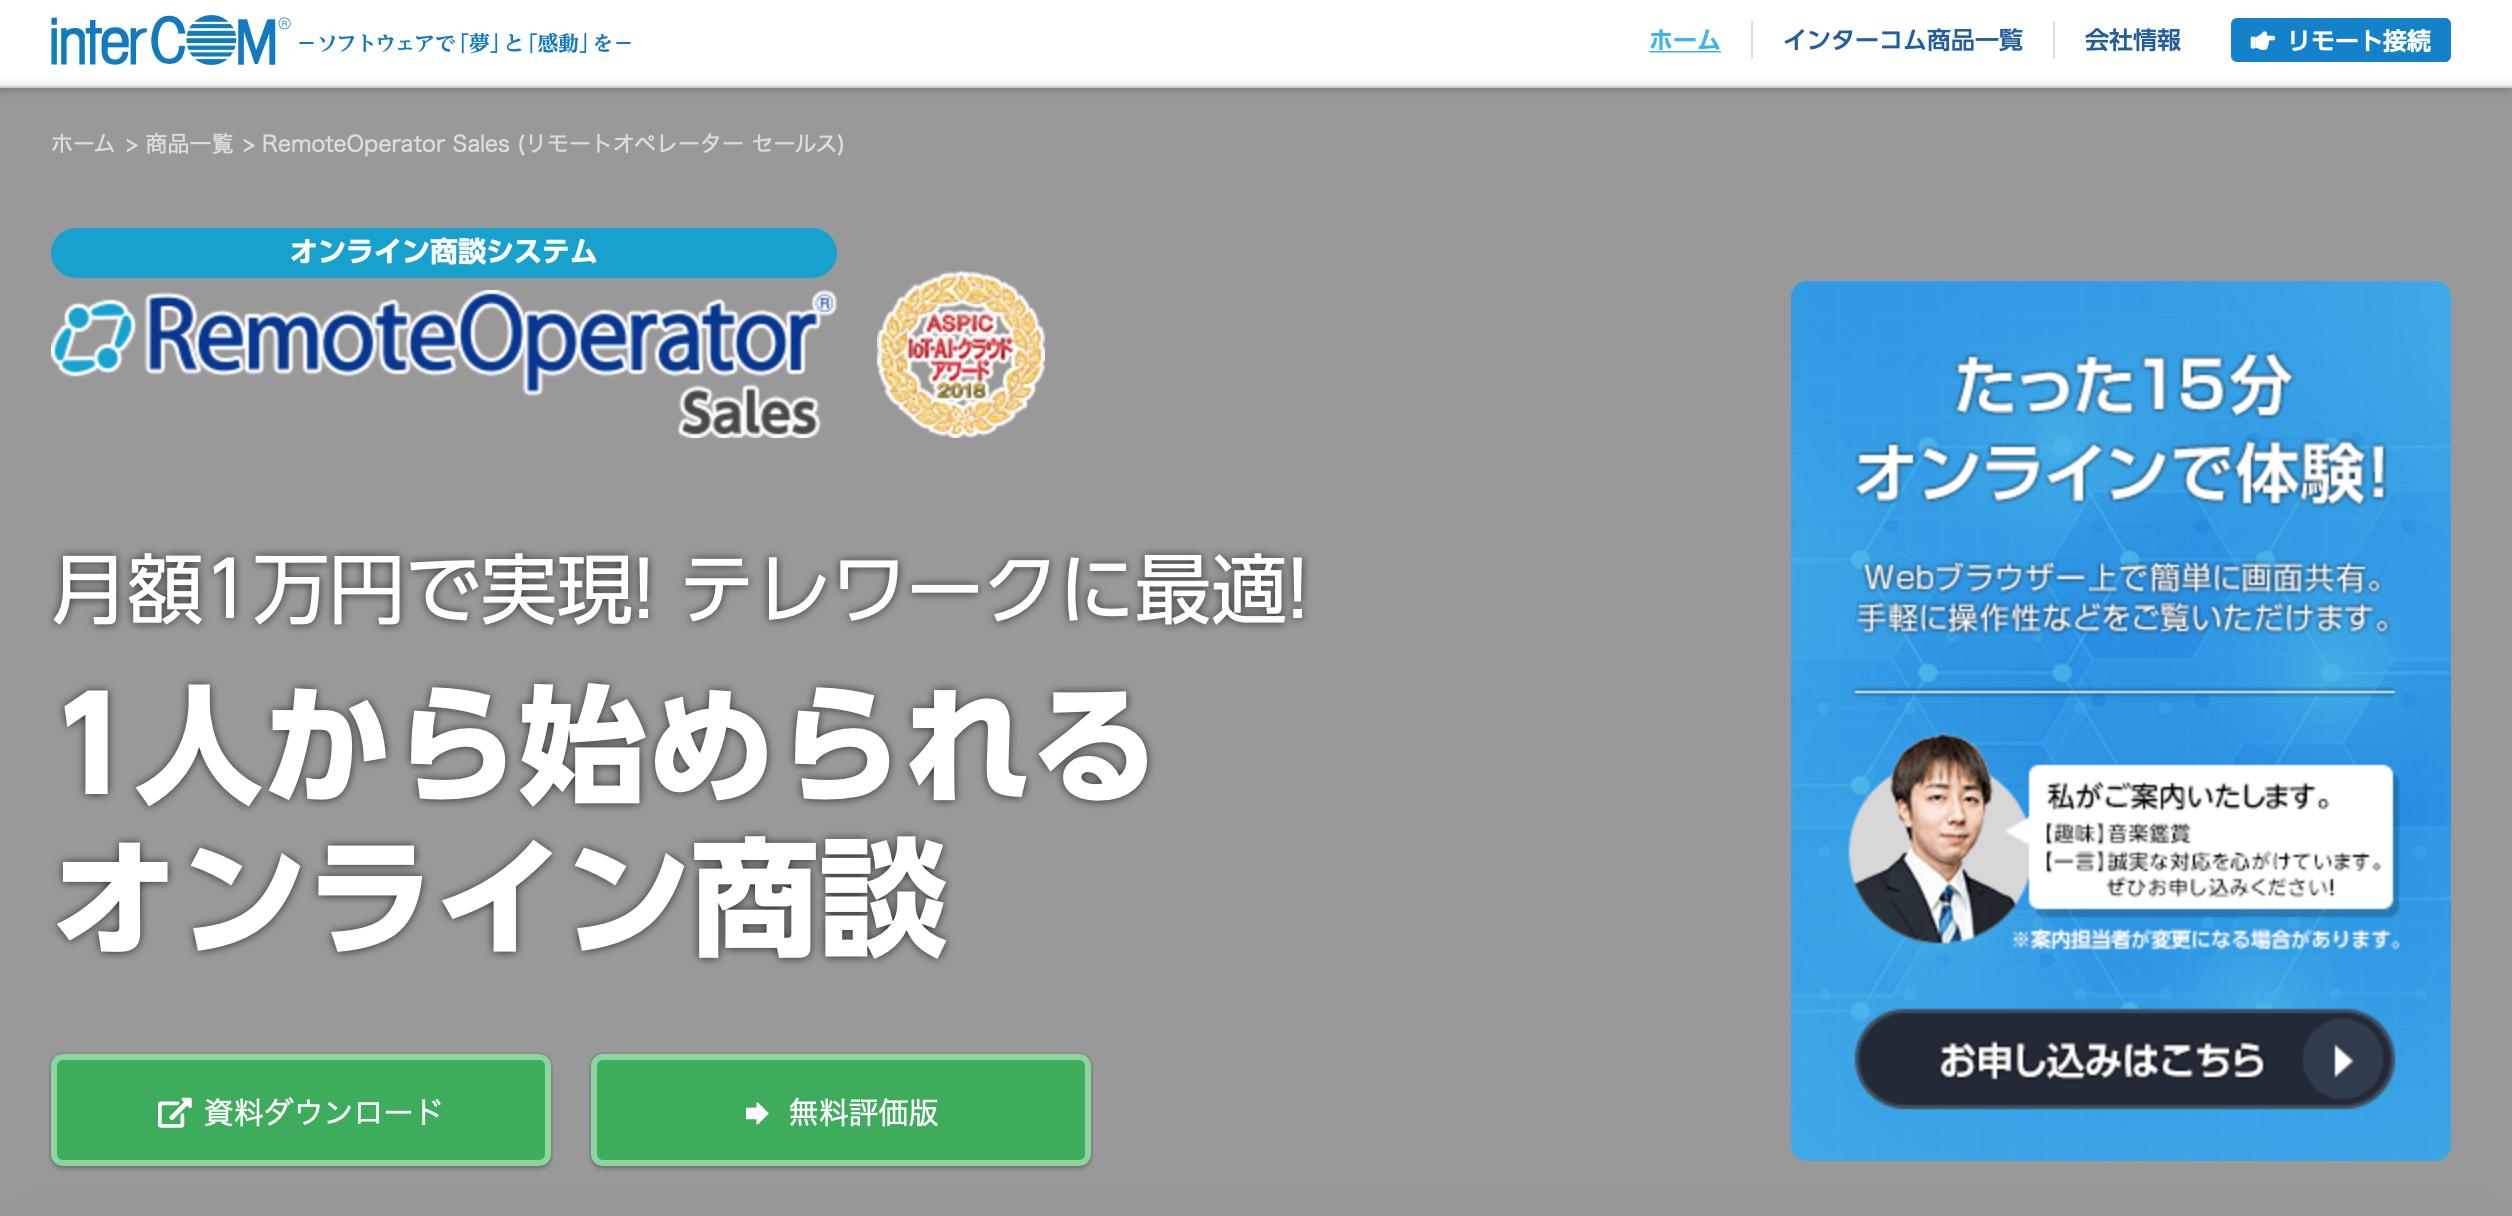 Remote Operator Sales